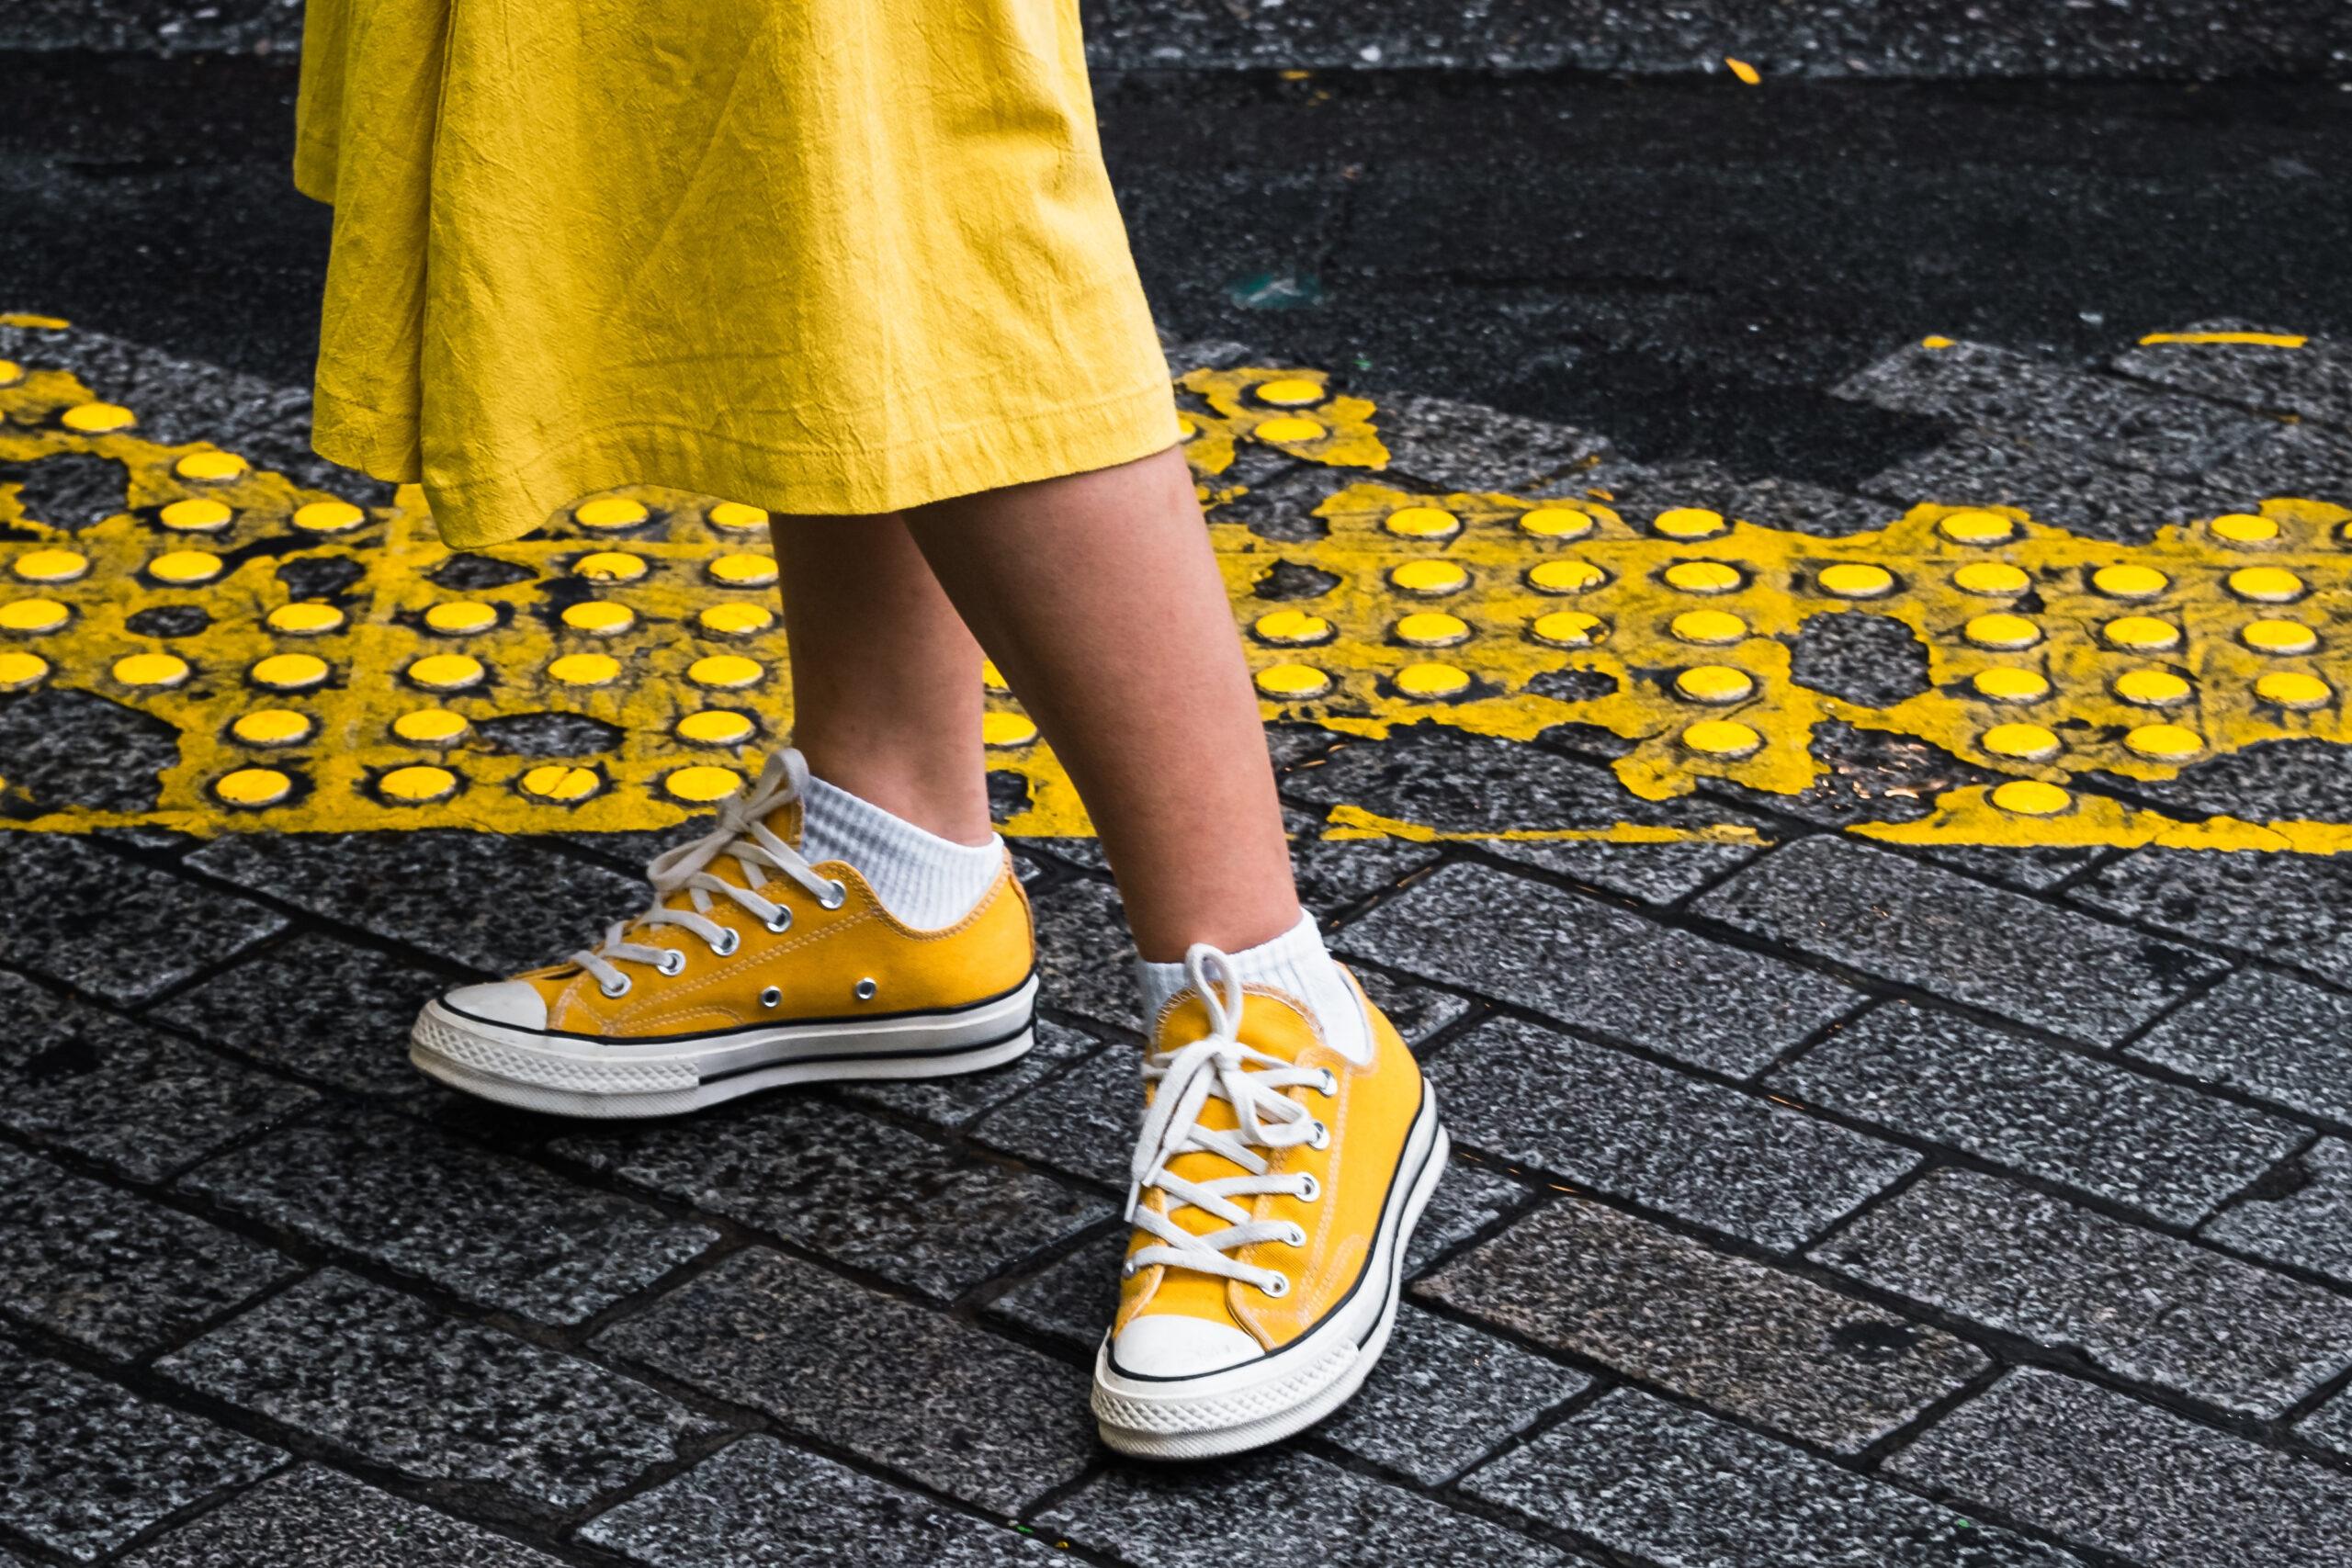 best women's walking sneakers for travel